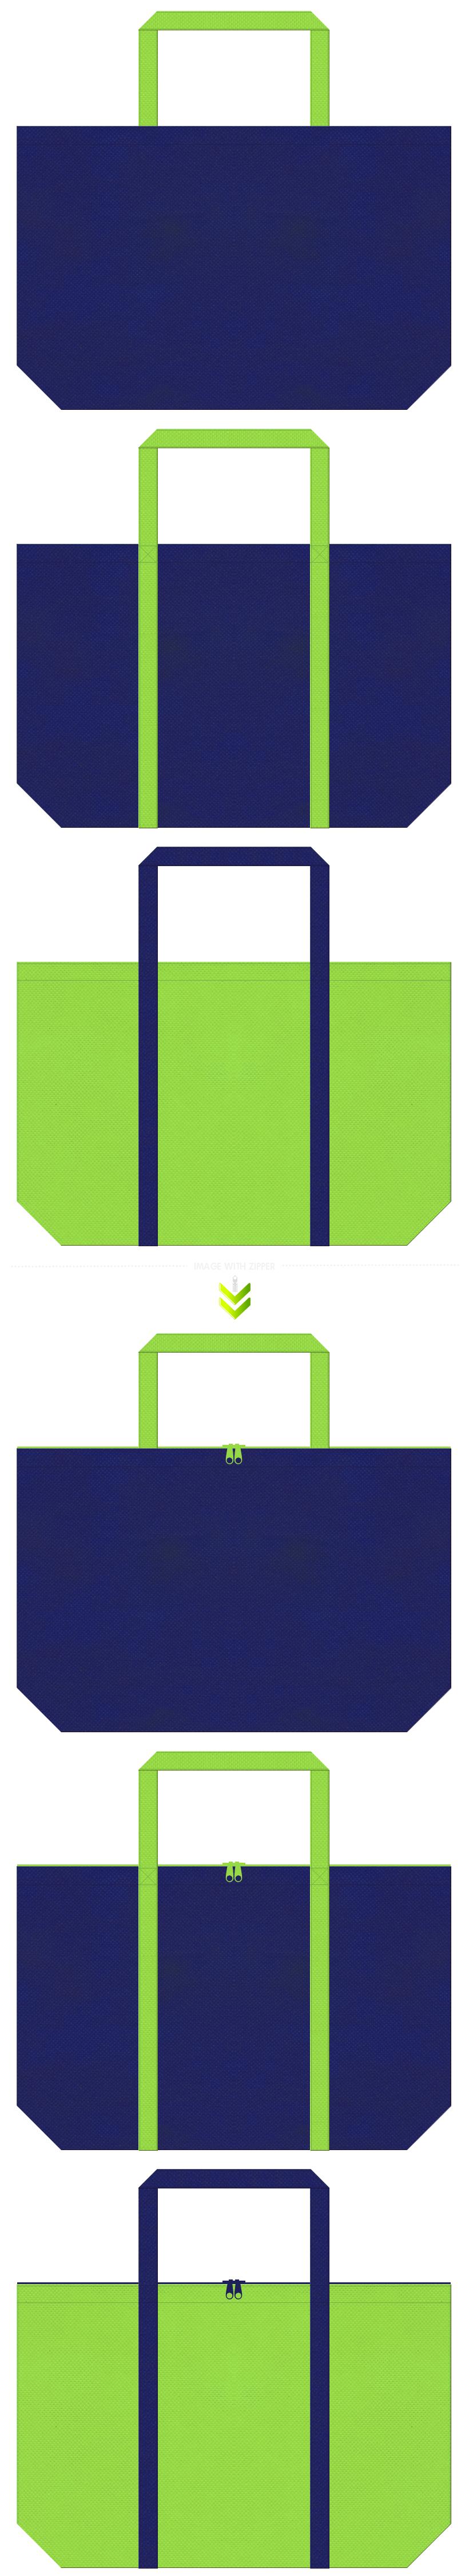 明るい紺色と黄緑色の不織布エコバッグのデザイン。ランドリーバッグにお奨めの配色です。